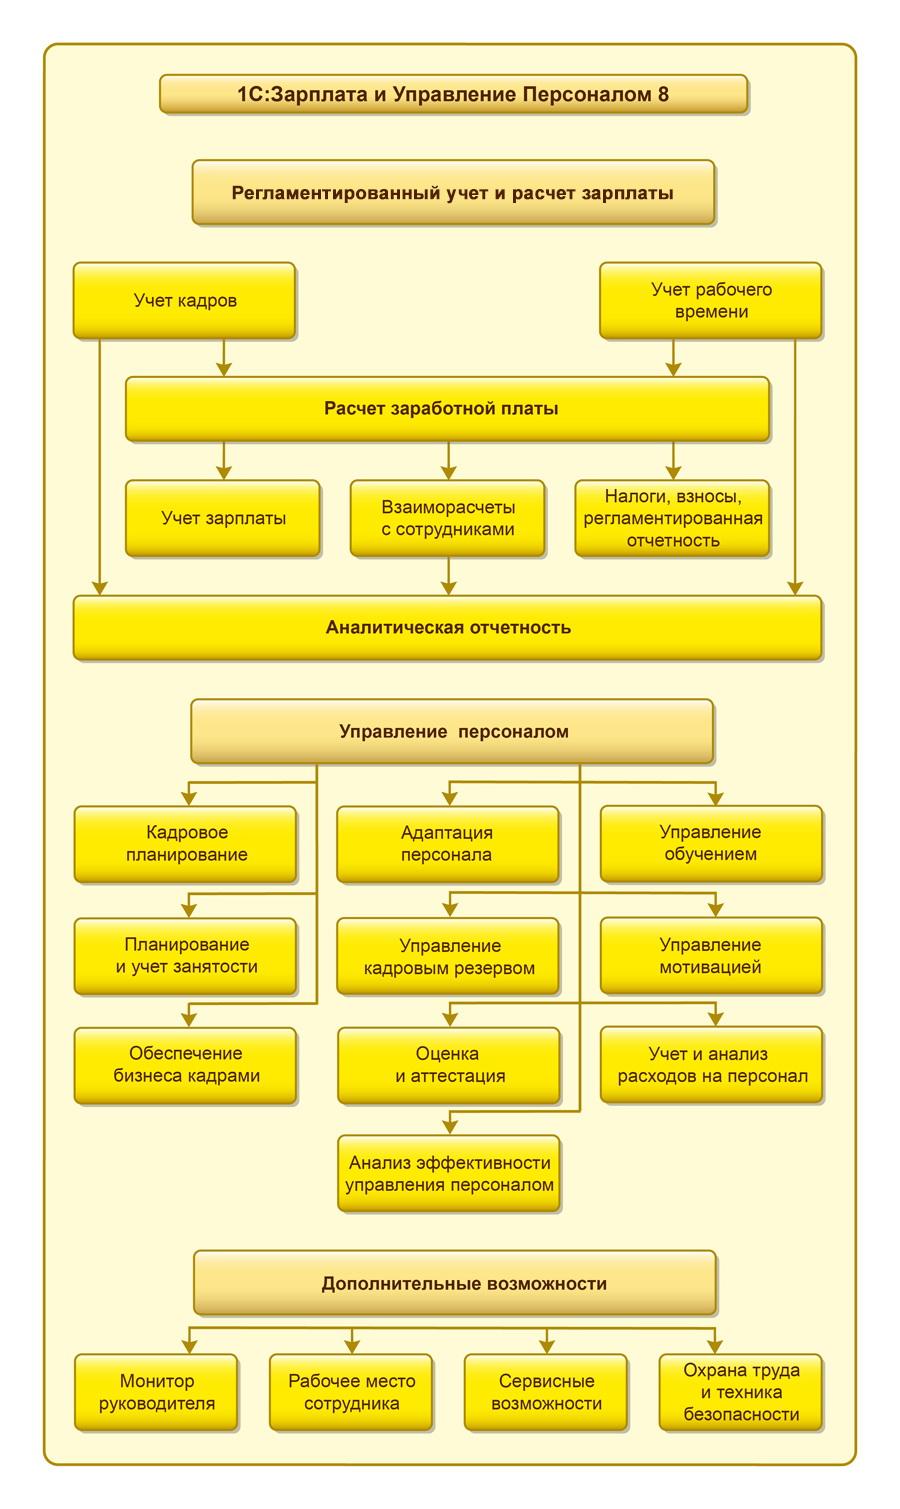 Схема 1С:Зарплата и Управление Персоналом 8